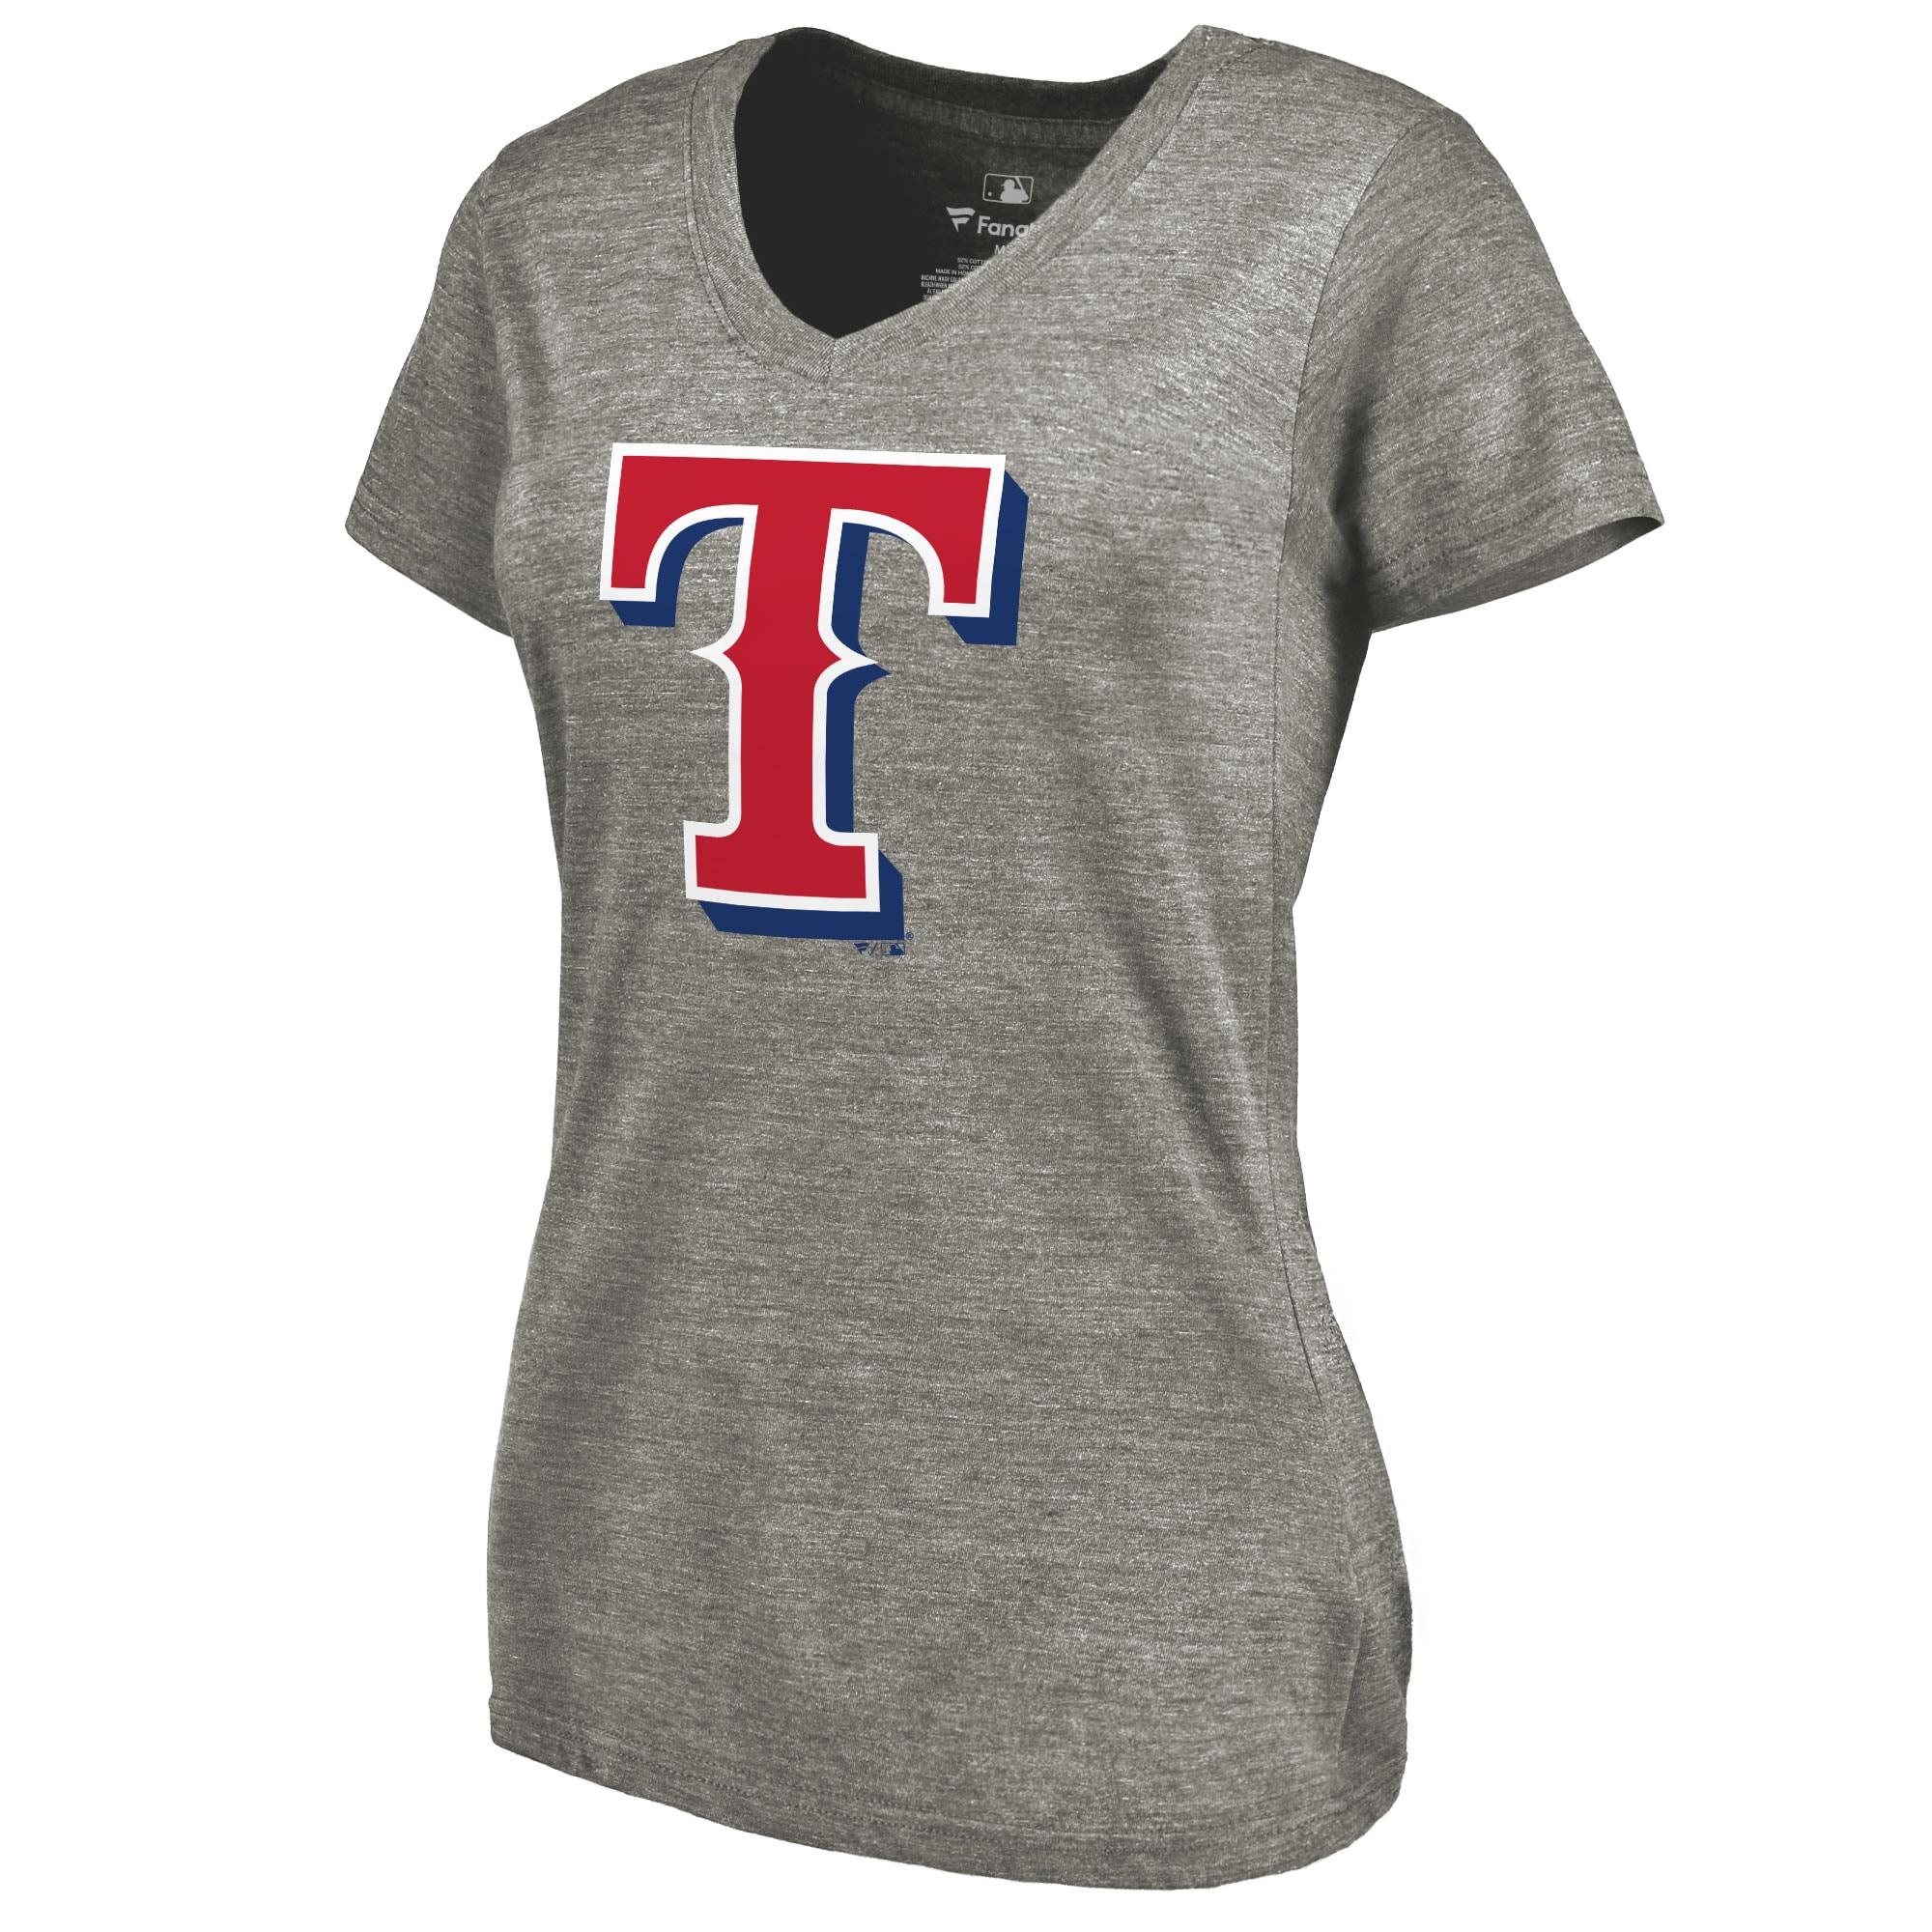 Texas Rangers Women's Primary Logo Tri-Blend V-Neck T-Shirt - Ash